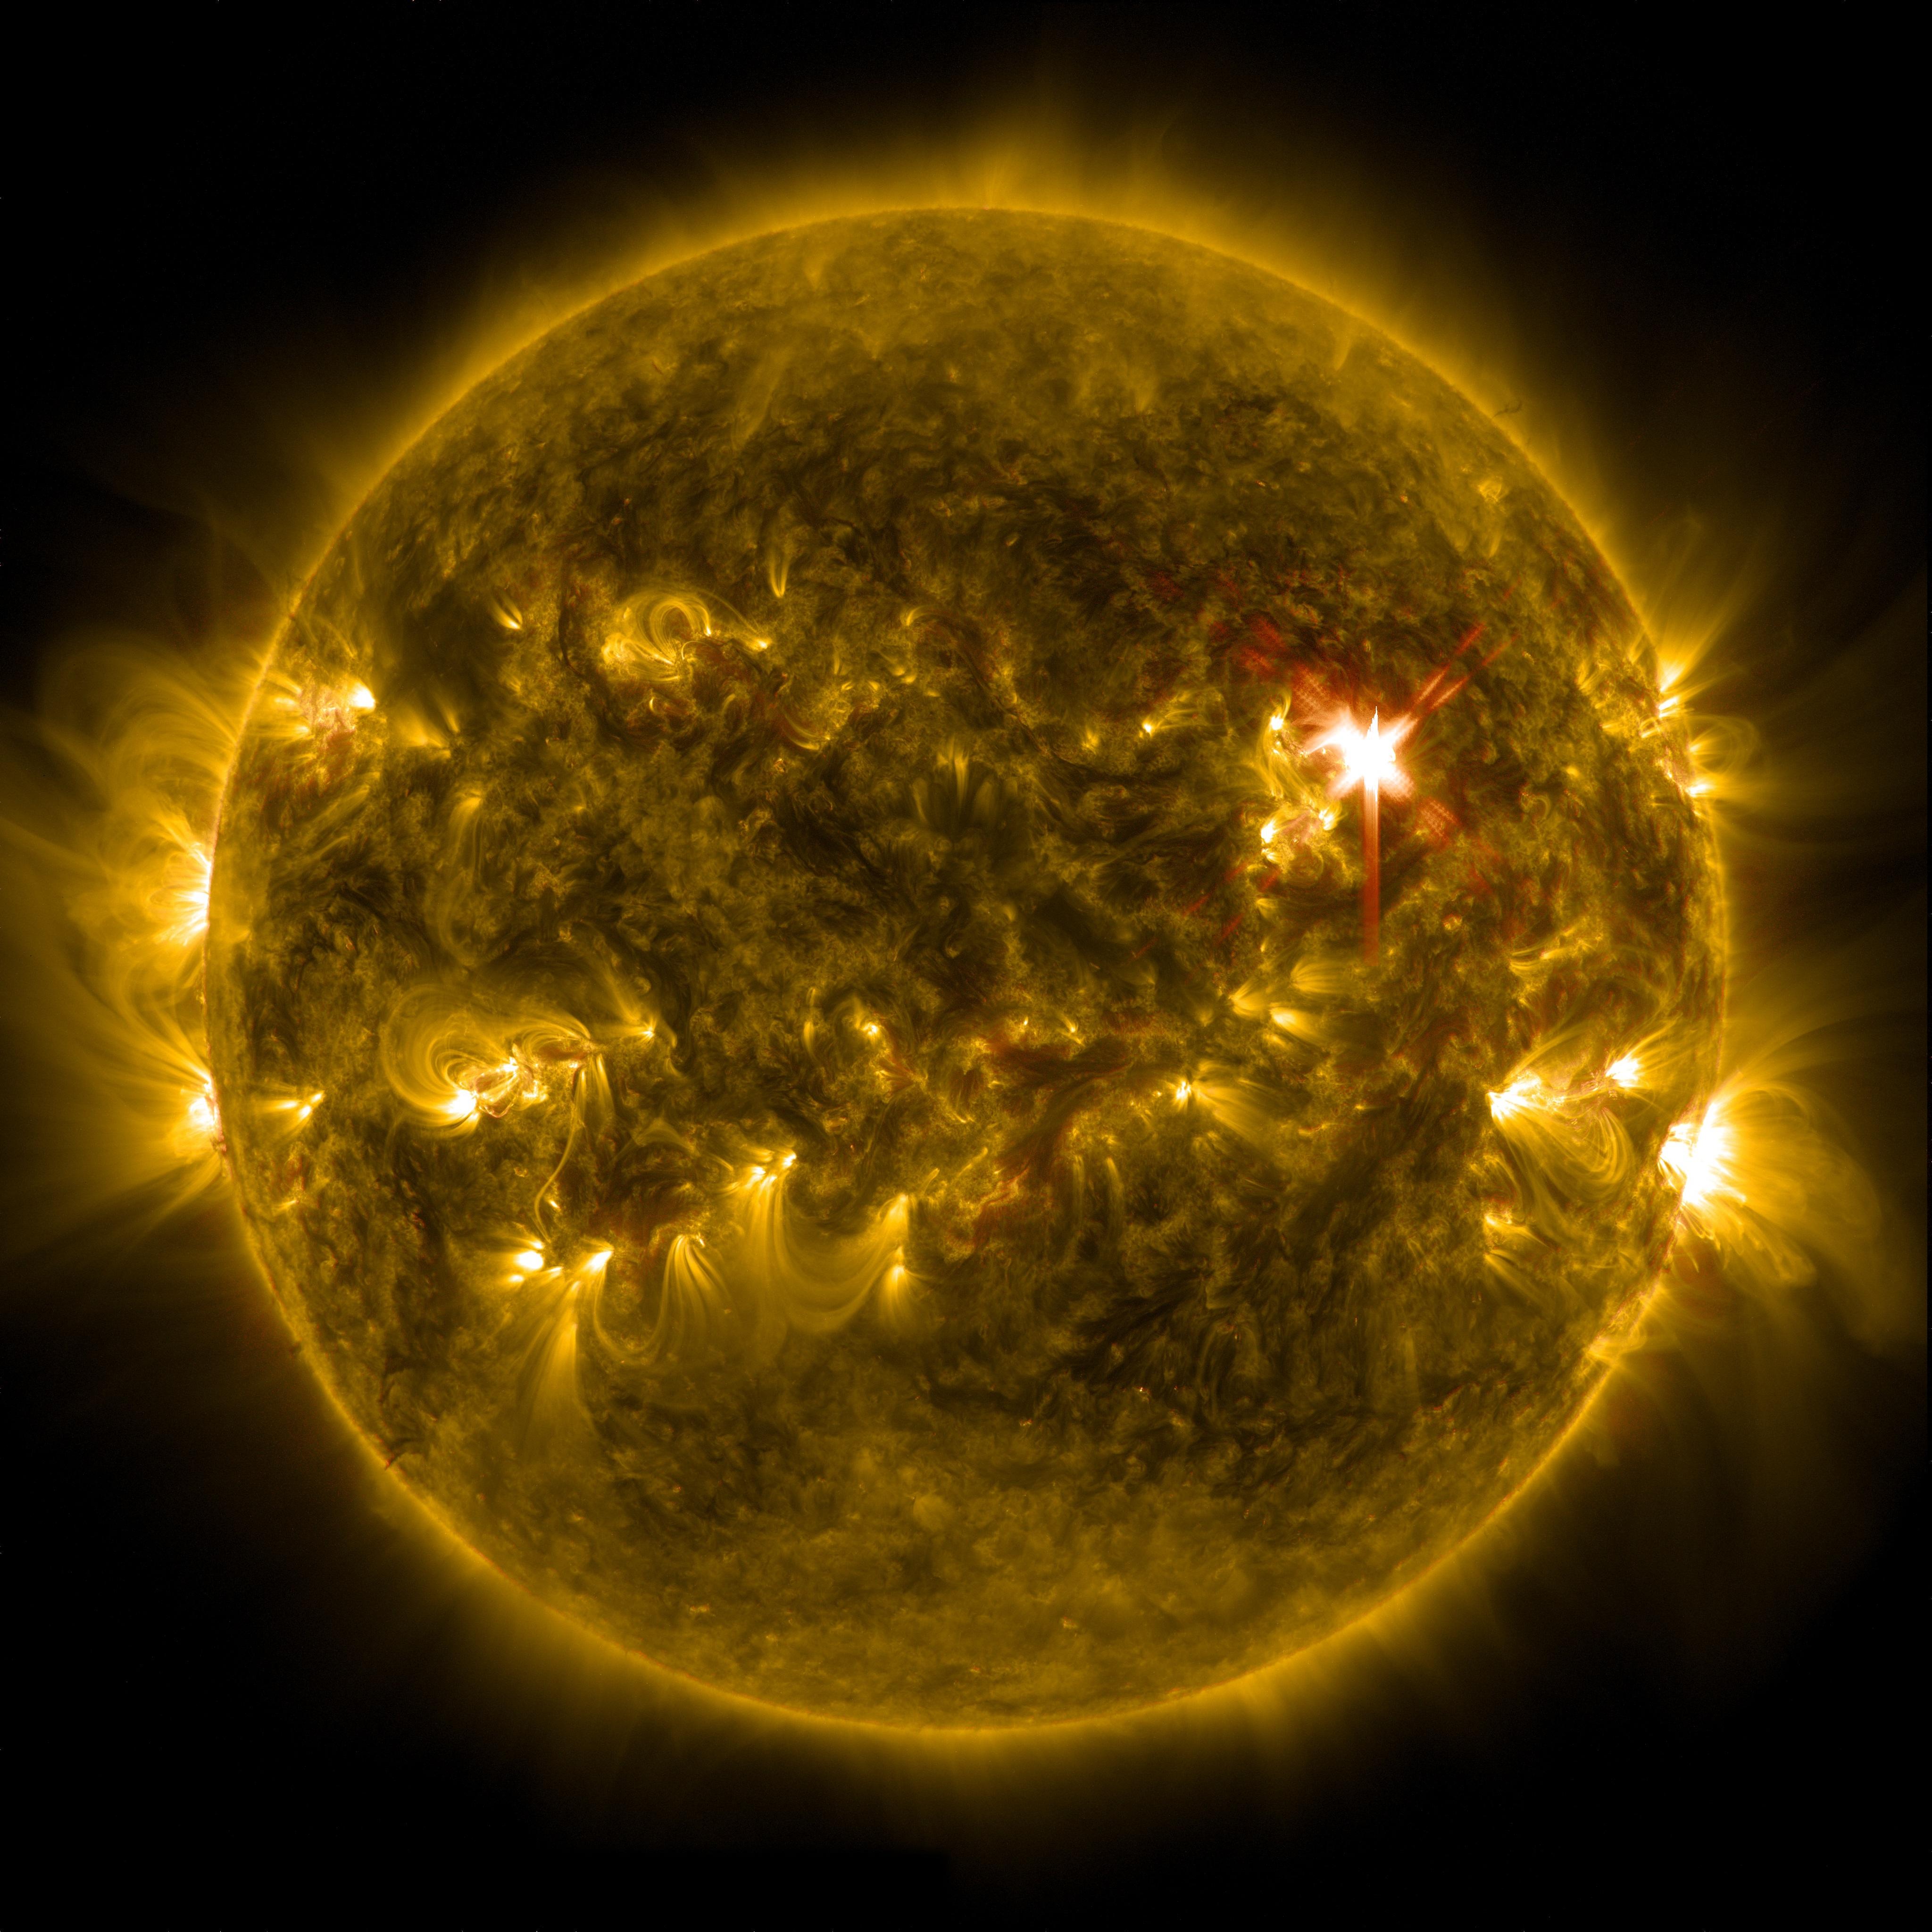 Картинка как выглядит солнце